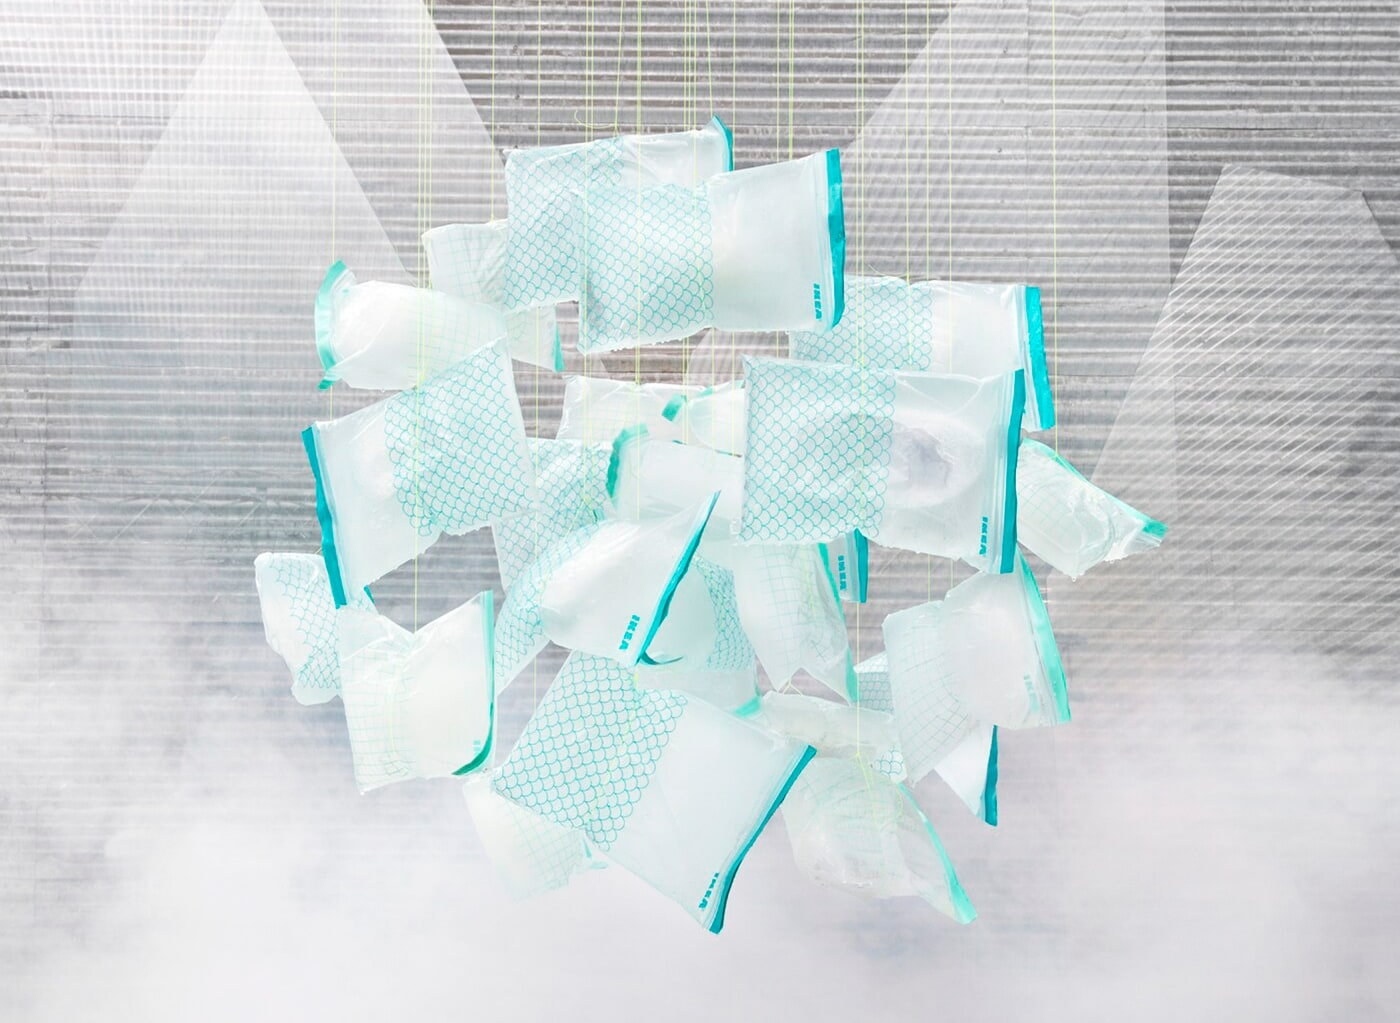 Bild der vielseitigen wiederverschließbaren ISTAD Kunststoffbeutel, die jetzt aus Bio-Kunststoff hergestellt werden, der erneuerbar und recycelbar ist.